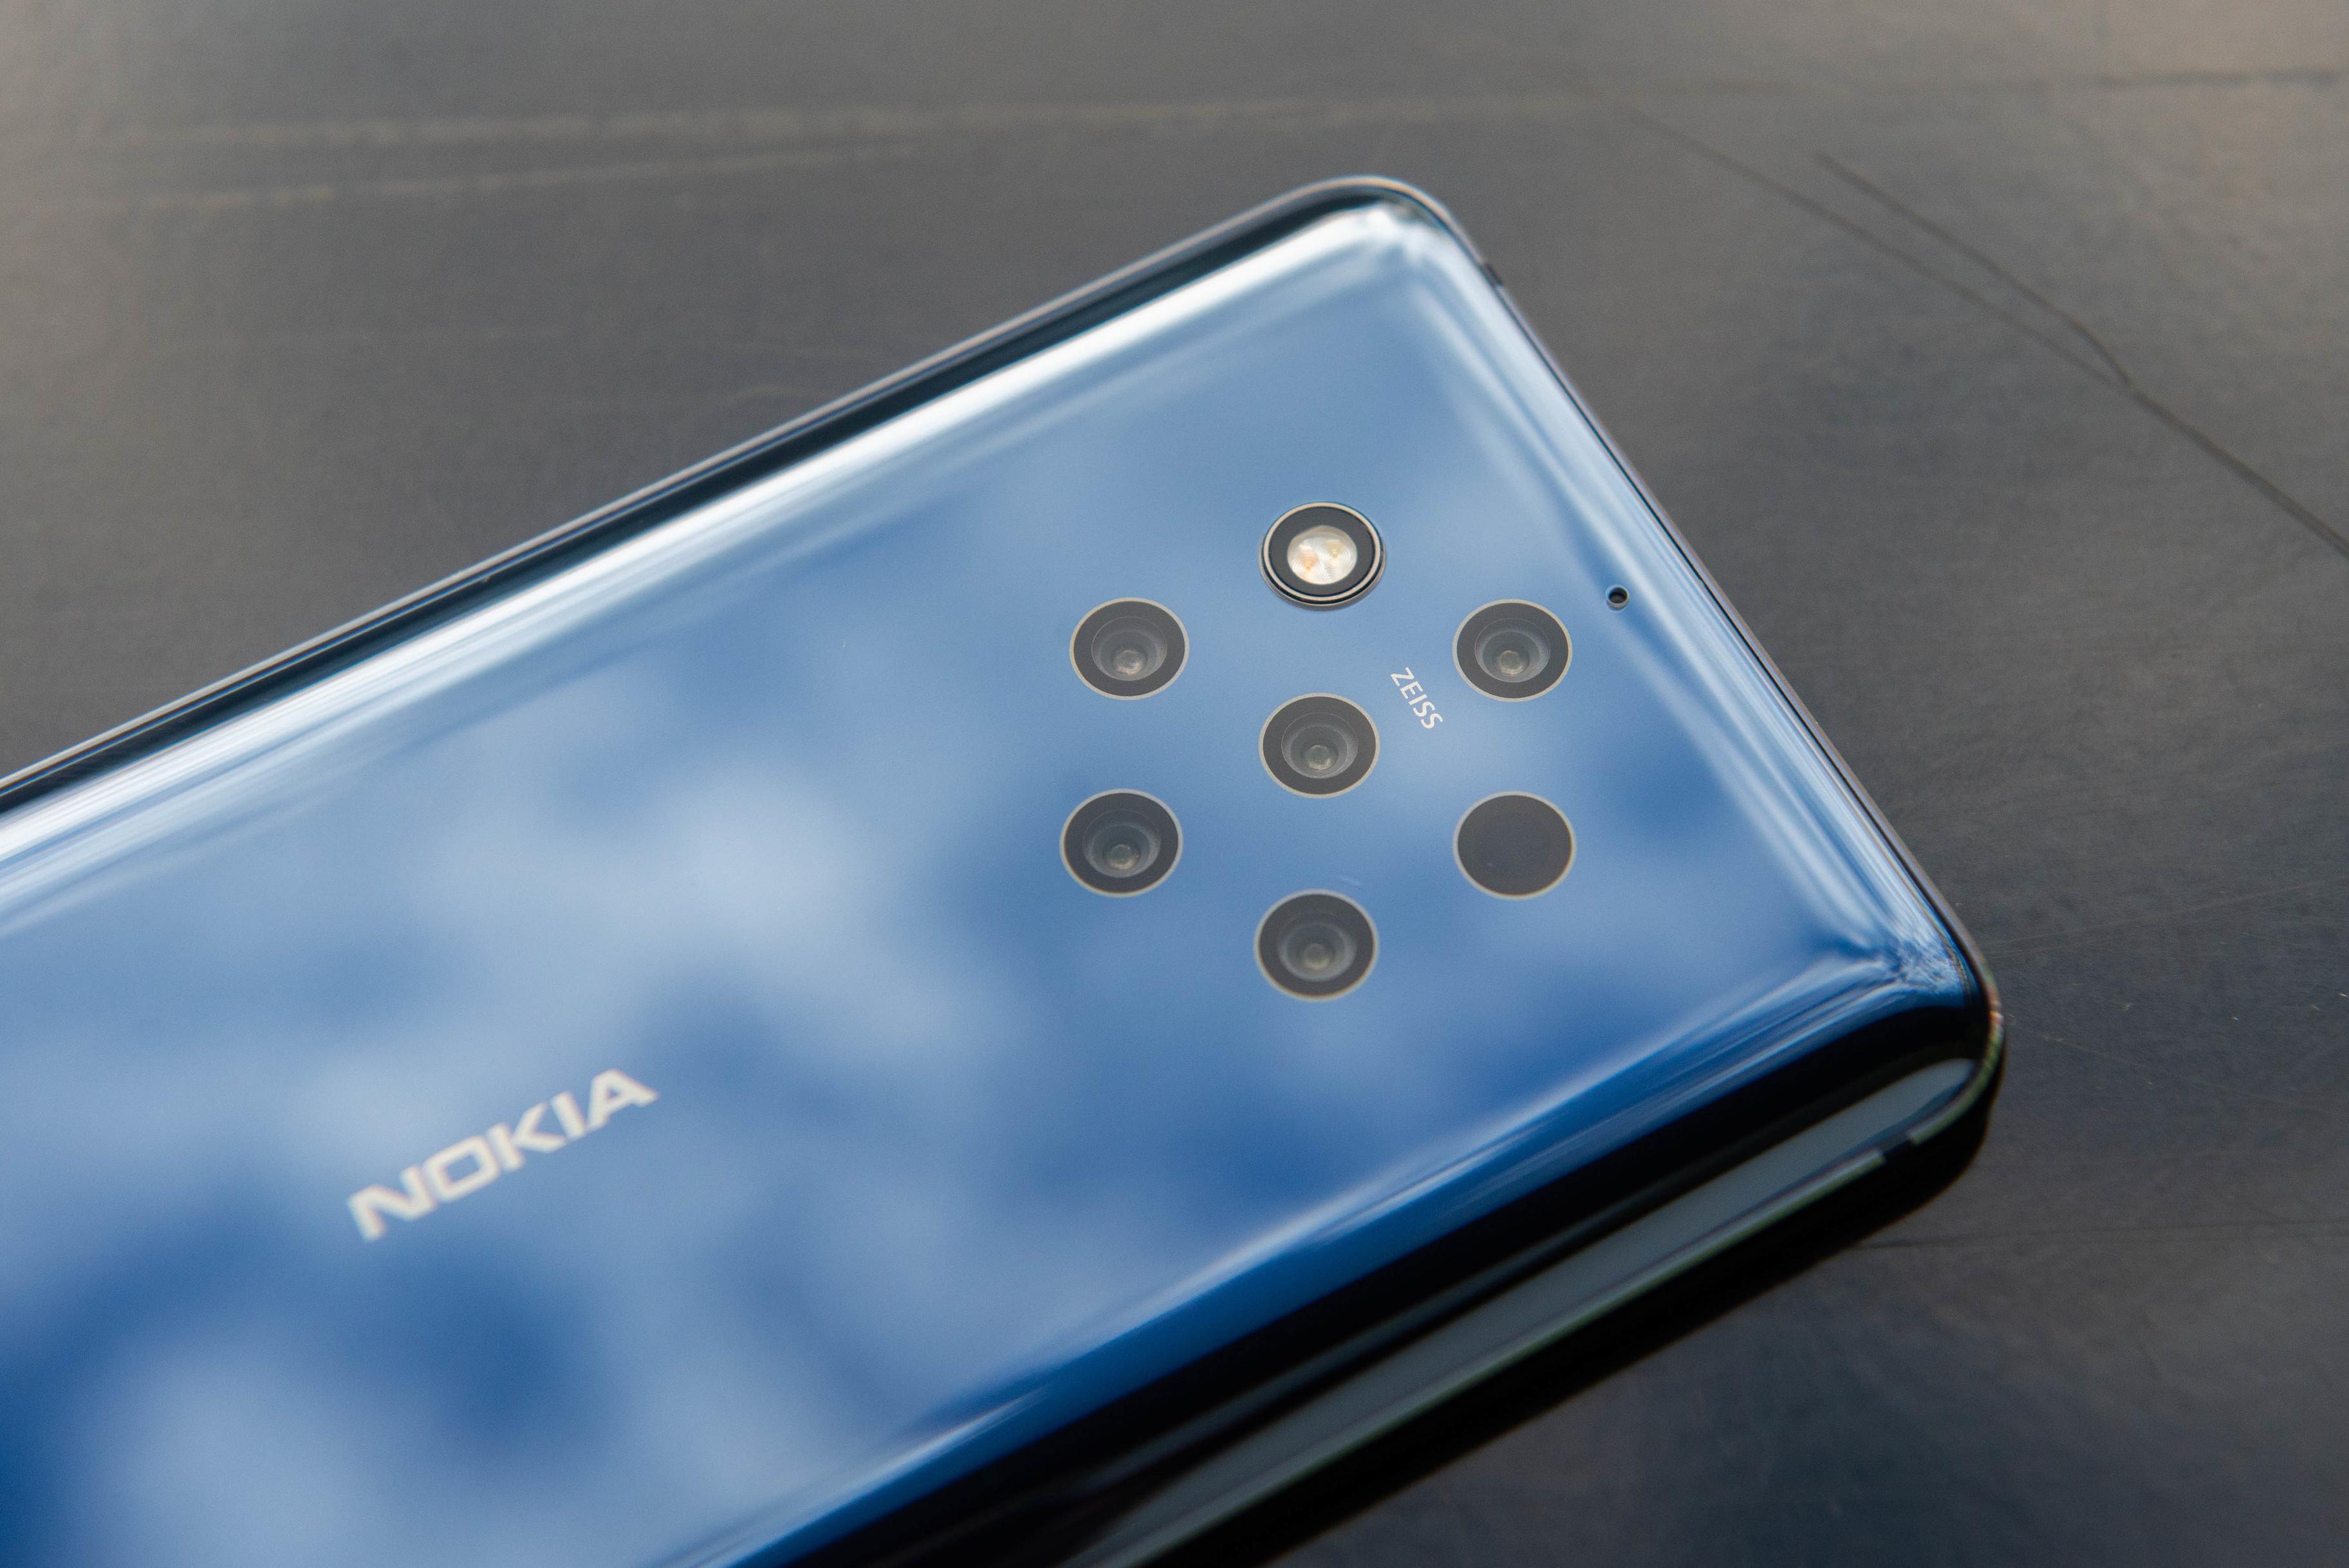 Смогла ли Nokia сделать новый революционный камерофон? Обзор Nokia 9 PureView